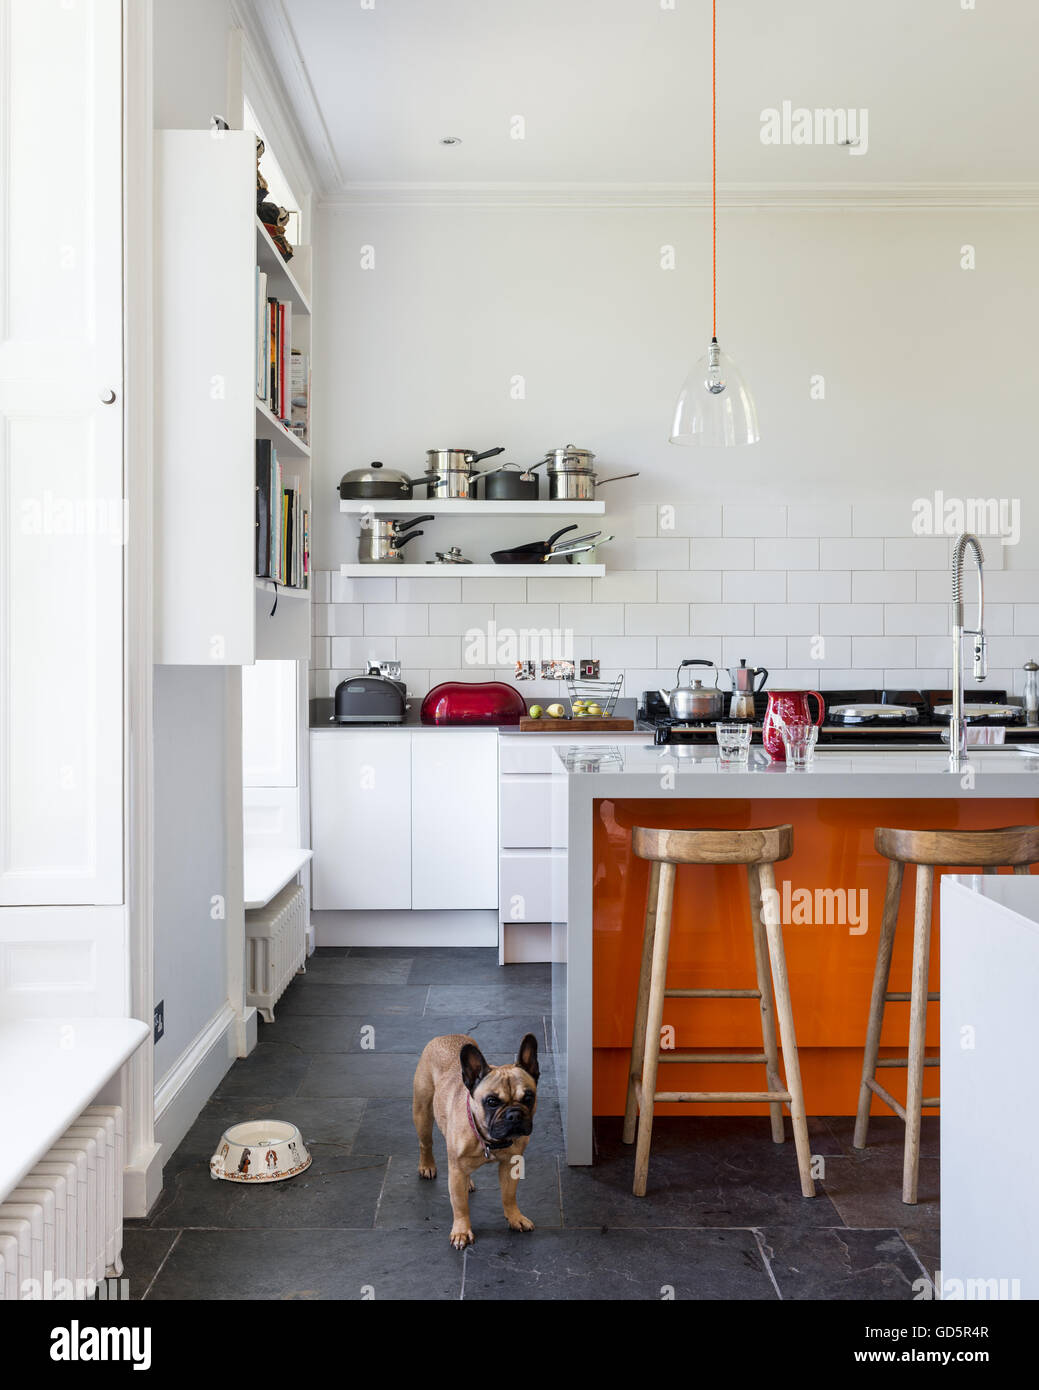 Bulldog Francés en techos altos cocina con azulejos blancos y grises metro desgarrada la pizarra del suelo. Imagen De Stock